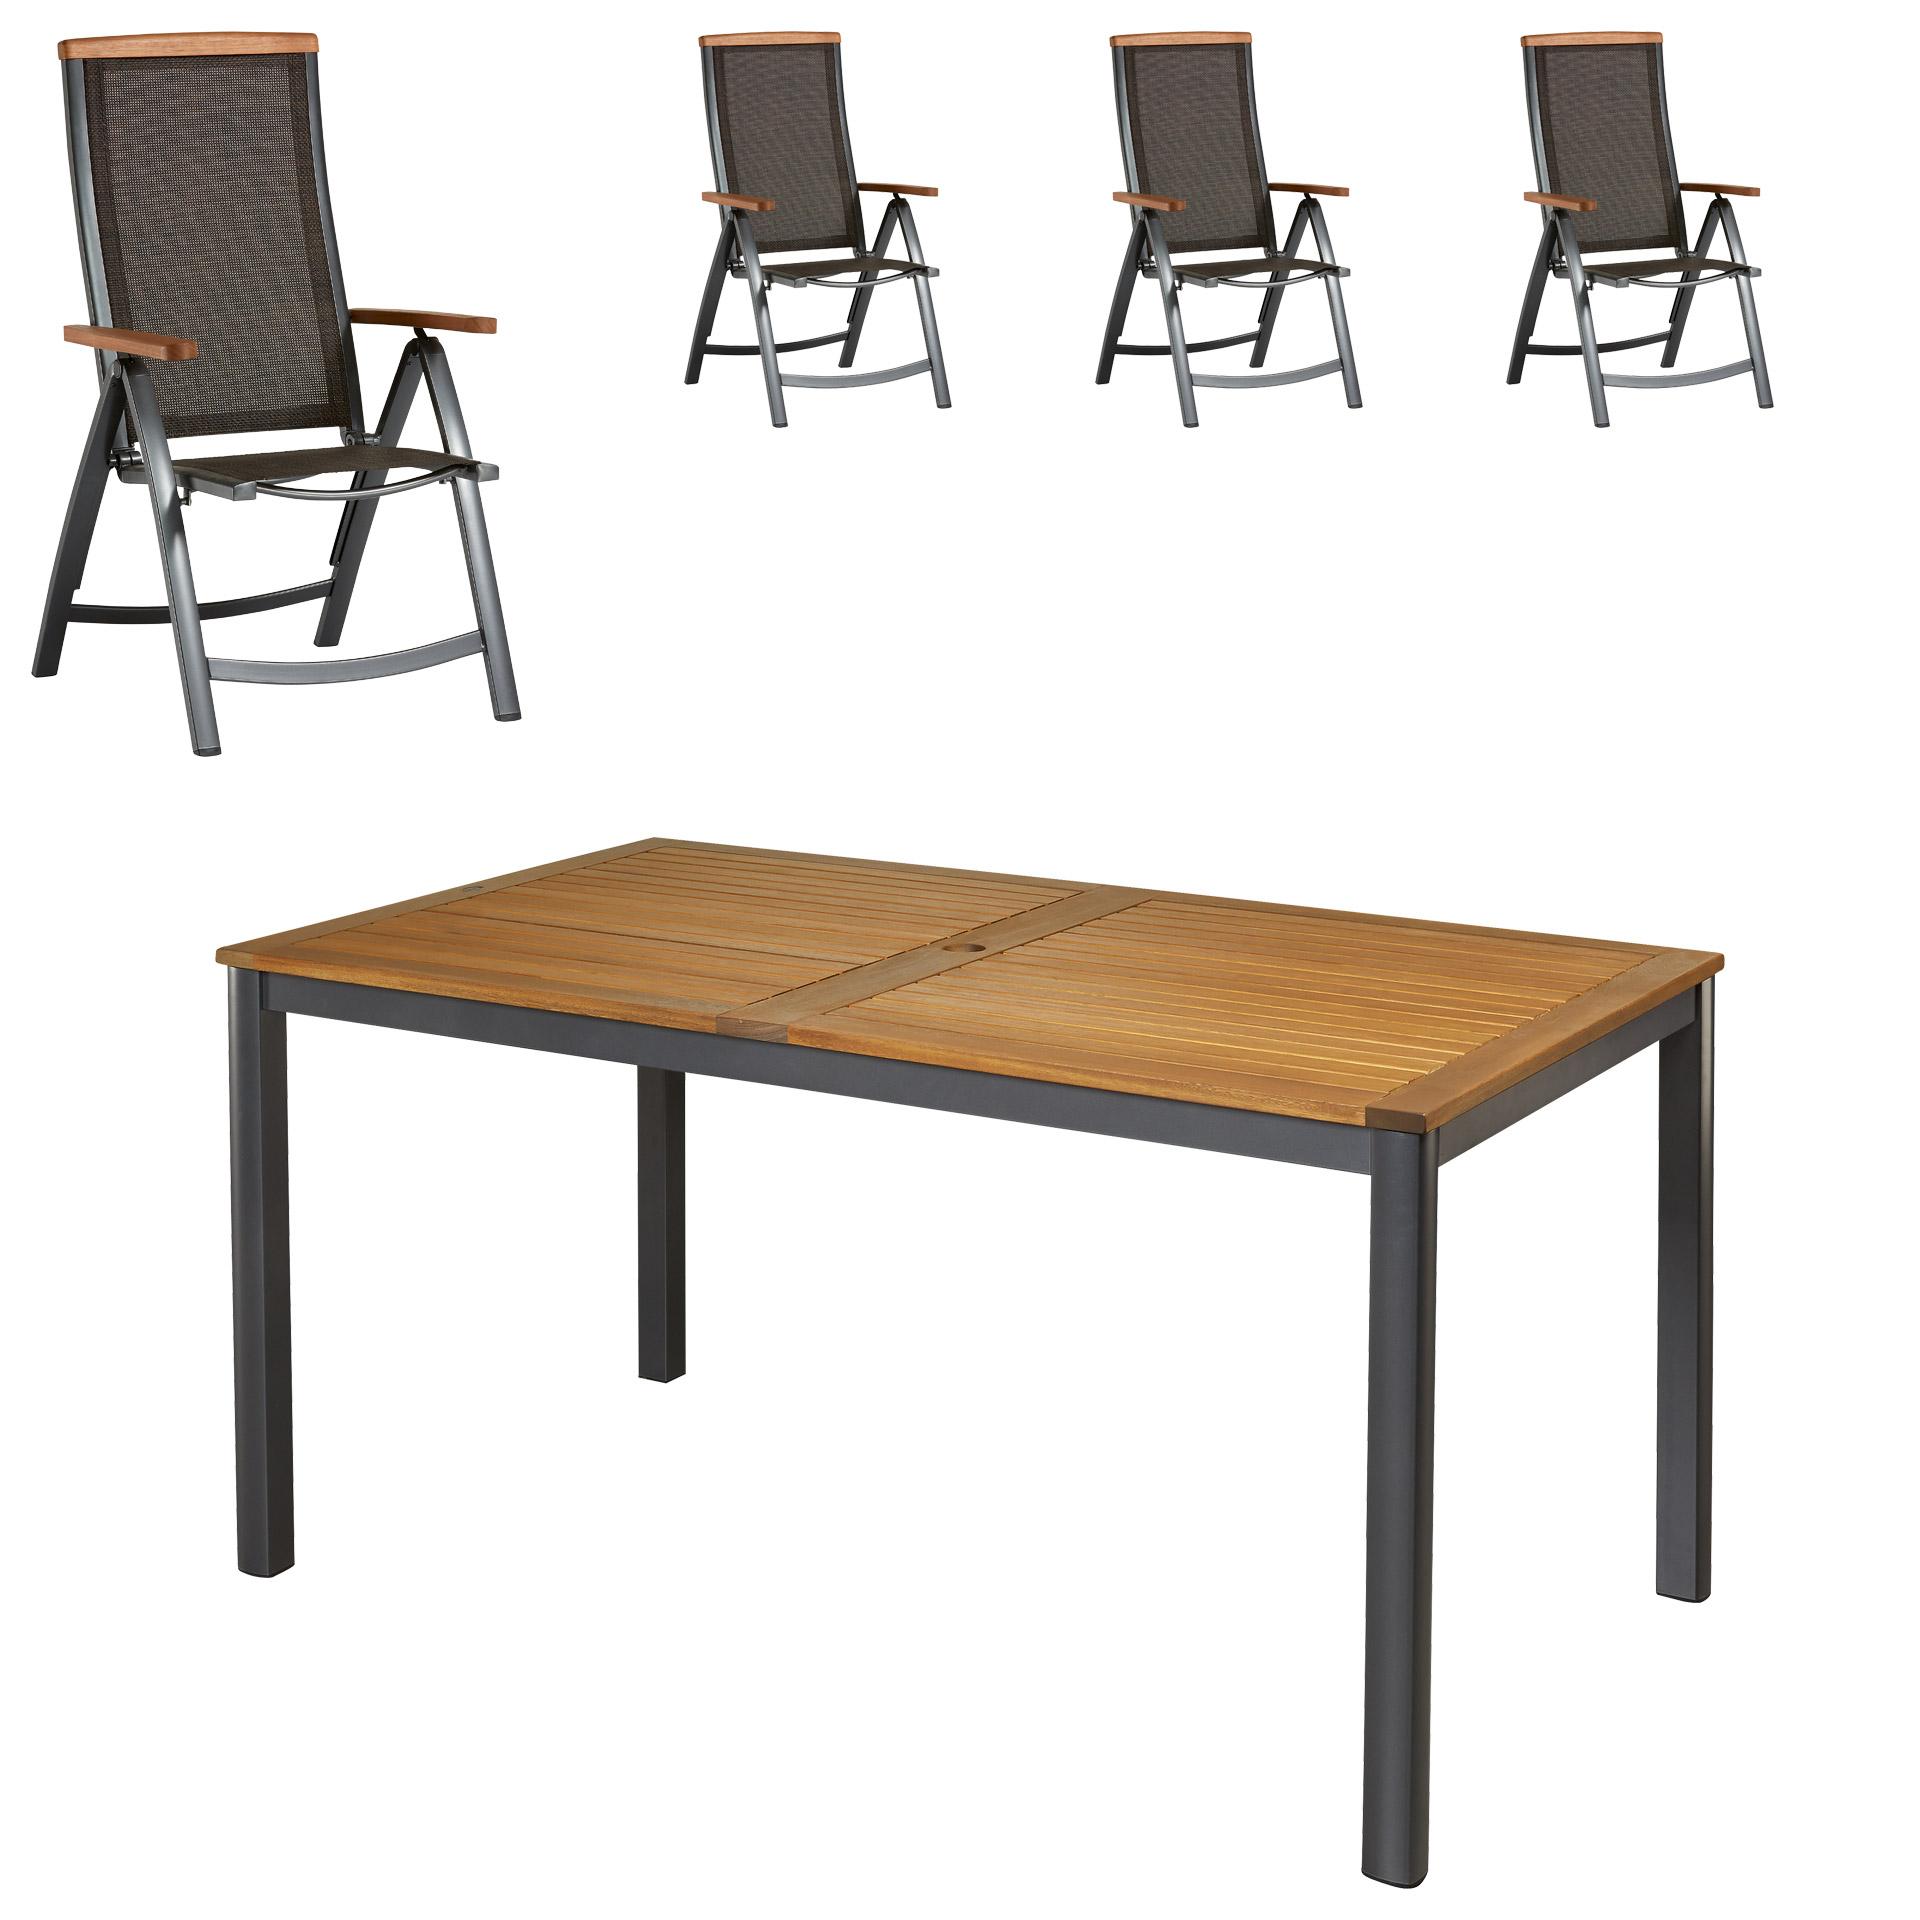 gartenm bel set san francisco santiago 89x150 4 st hle gro e auswahl top angebote. Black Bedroom Furniture Sets. Home Design Ideas